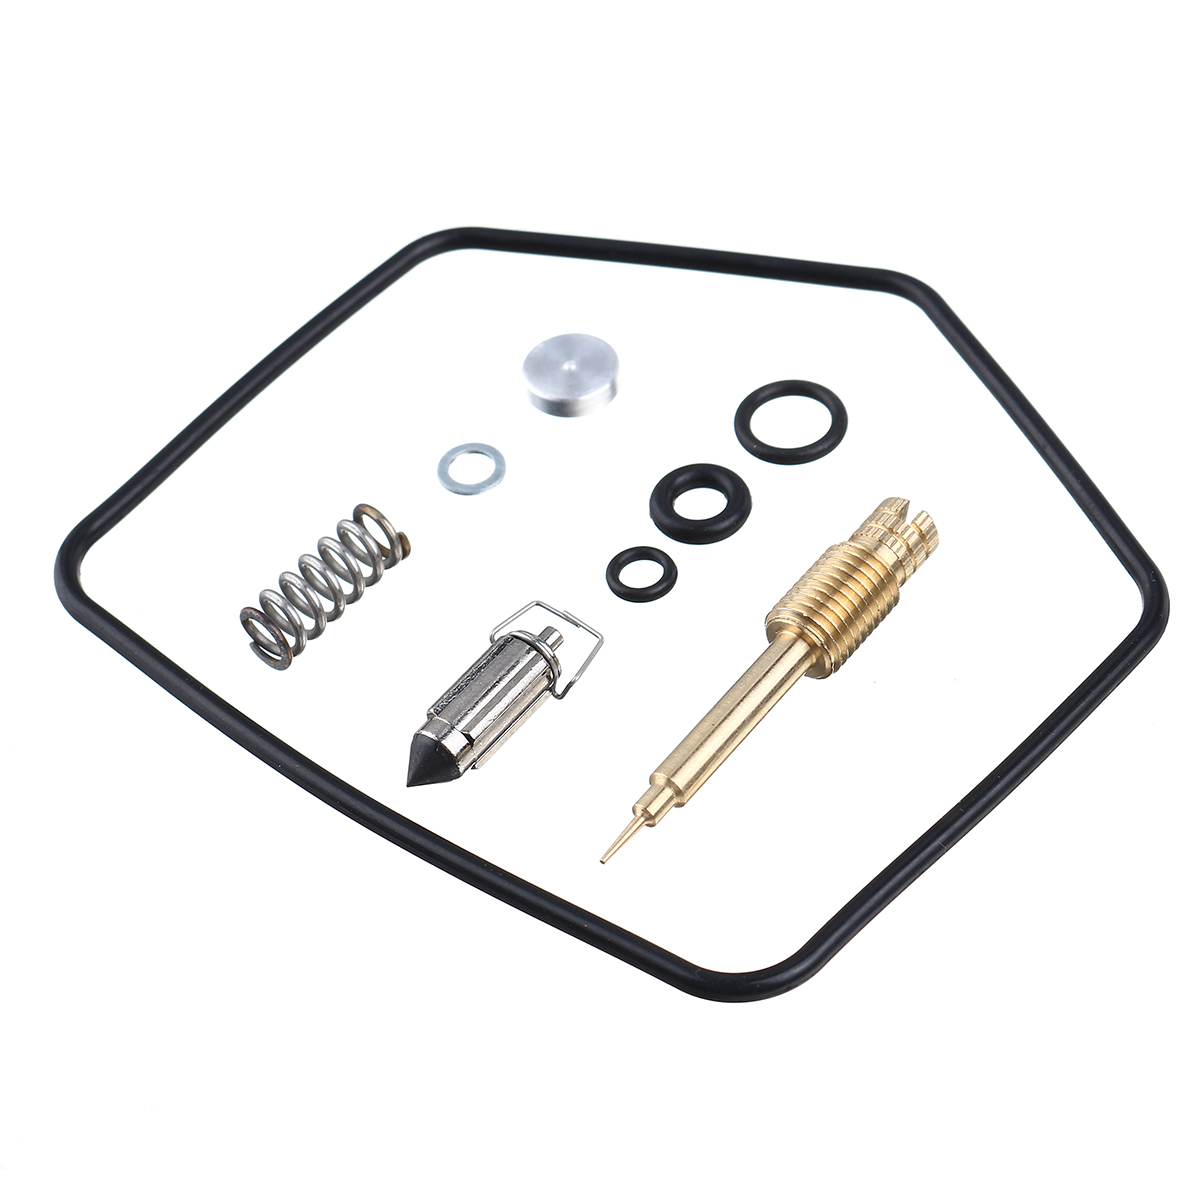 Carburetor carb repair rebuild tool kit for kawasaki kz750